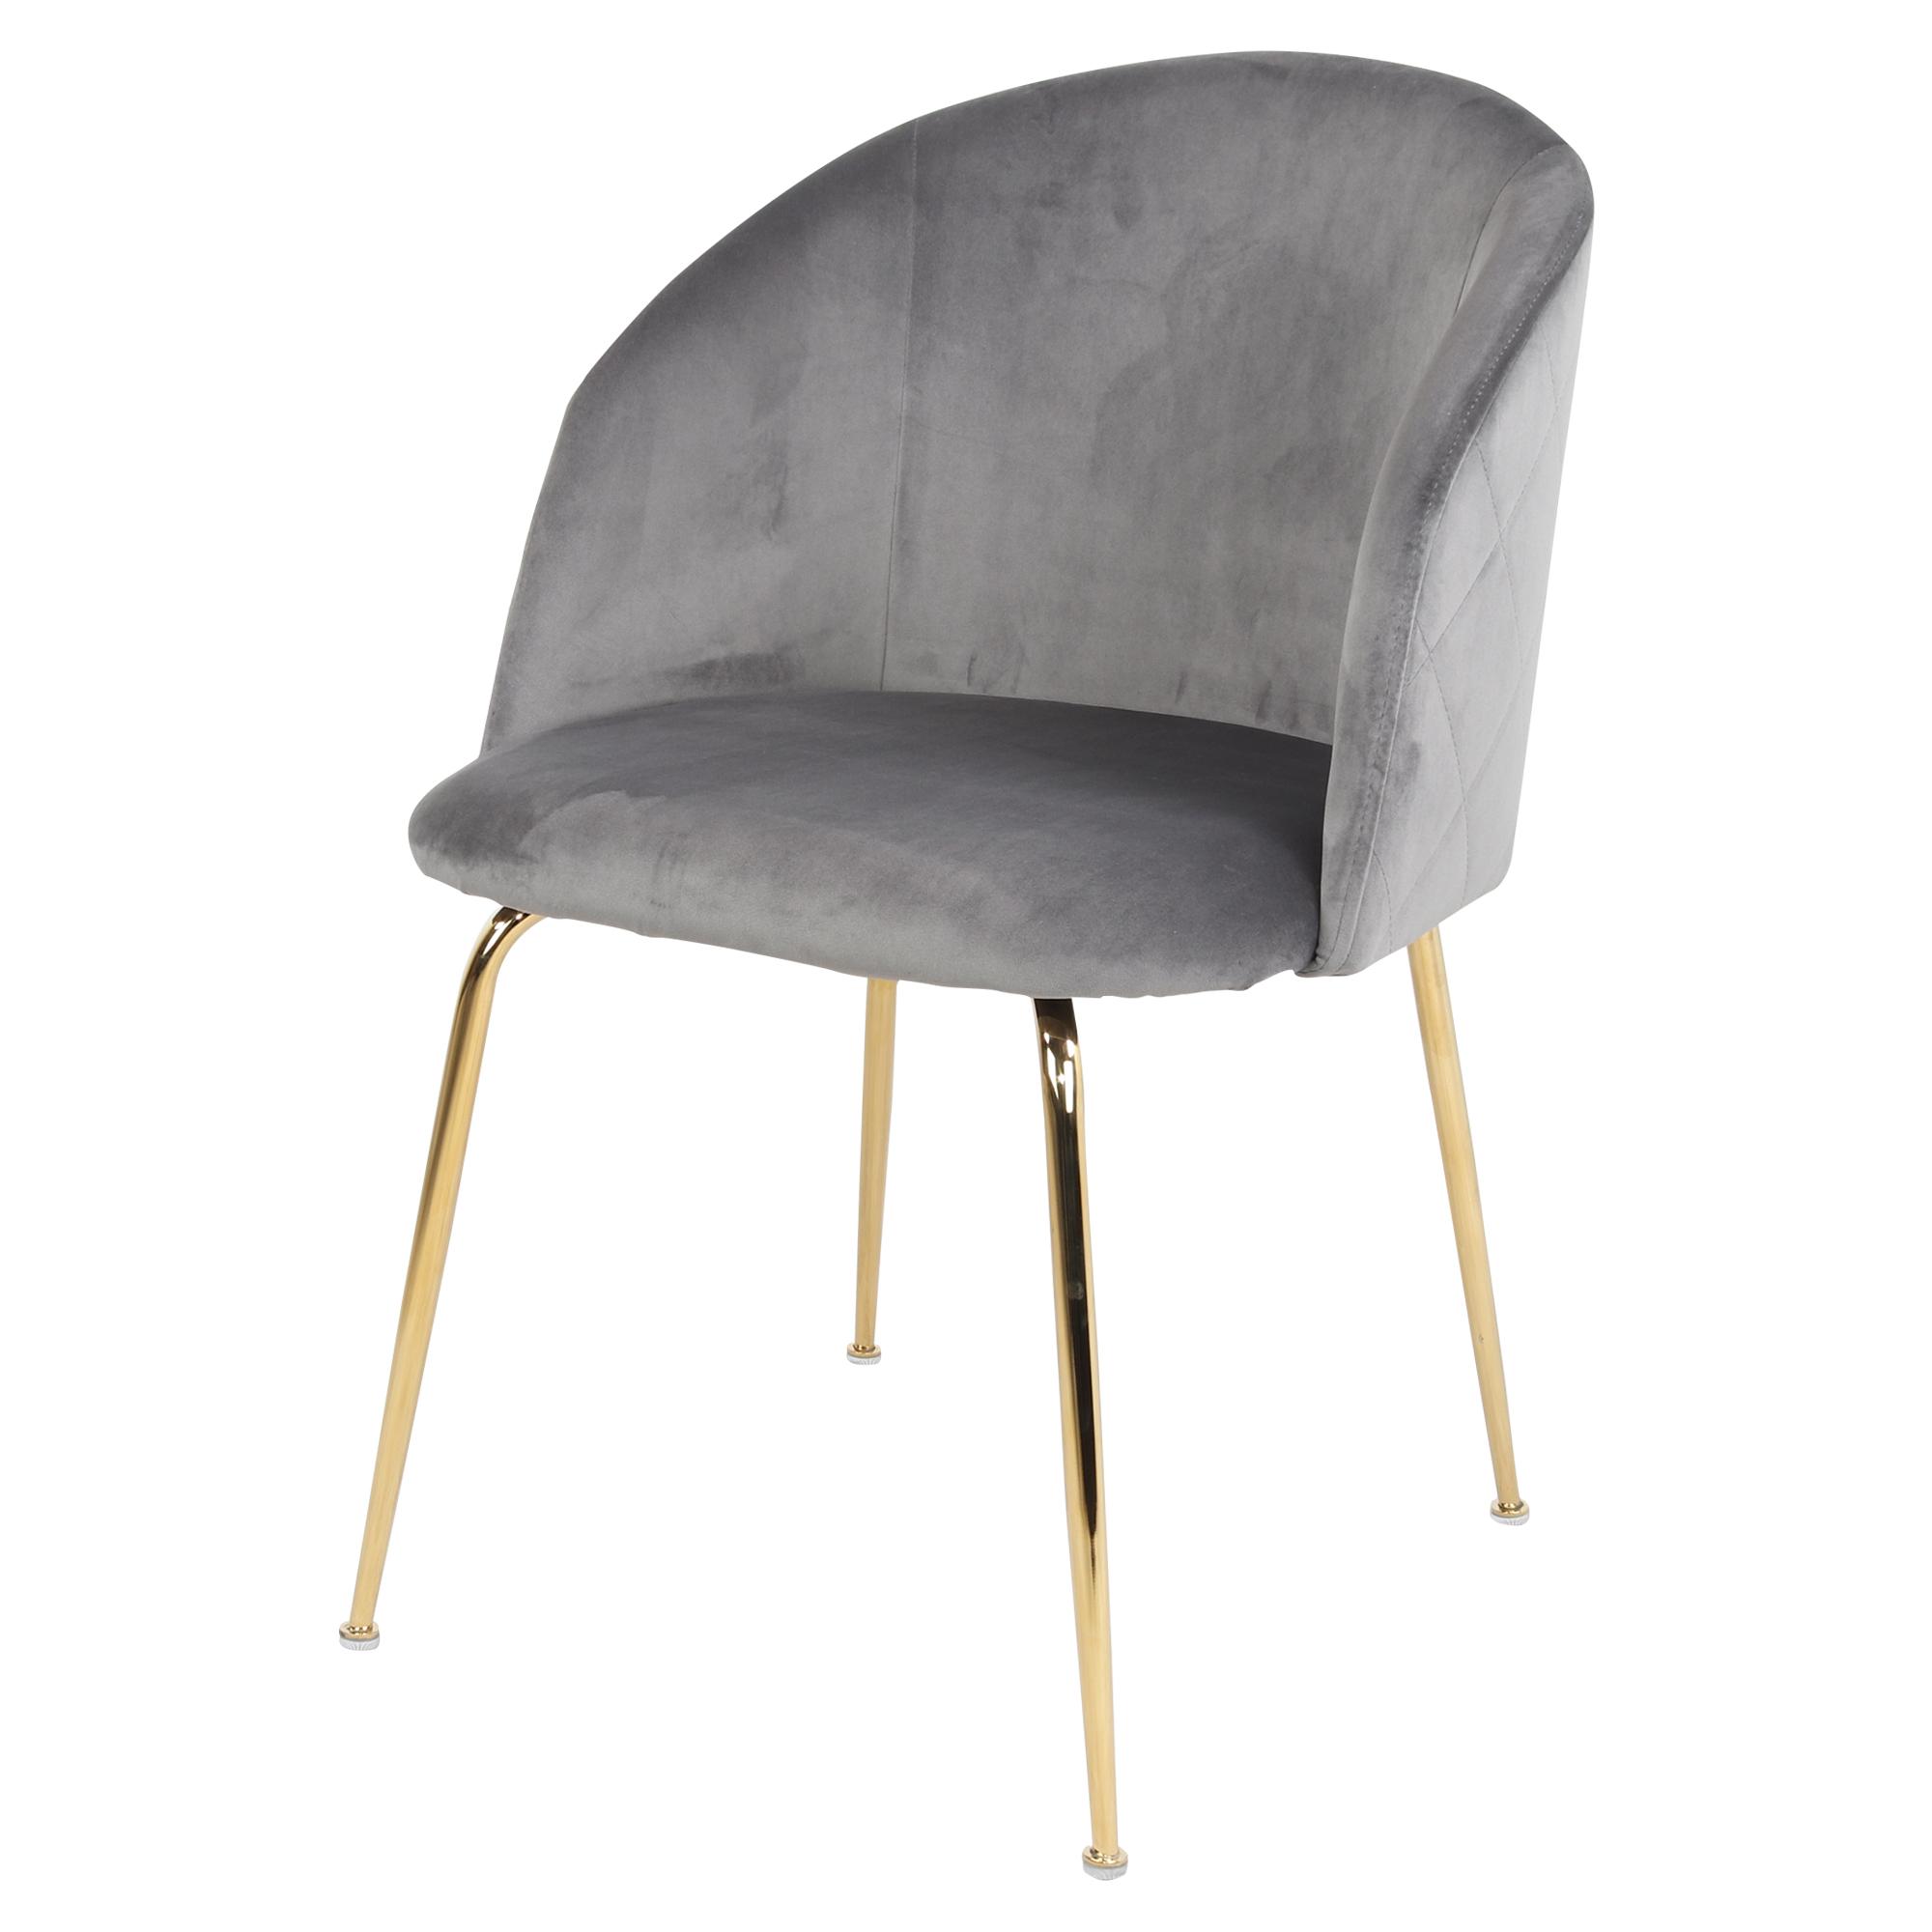 MisterWils, Silla estilo nórdico - contemporáneo con estructura fabricada en acero con acabado en baño latón y asiento tapizado en terciopelo Lupin Grey